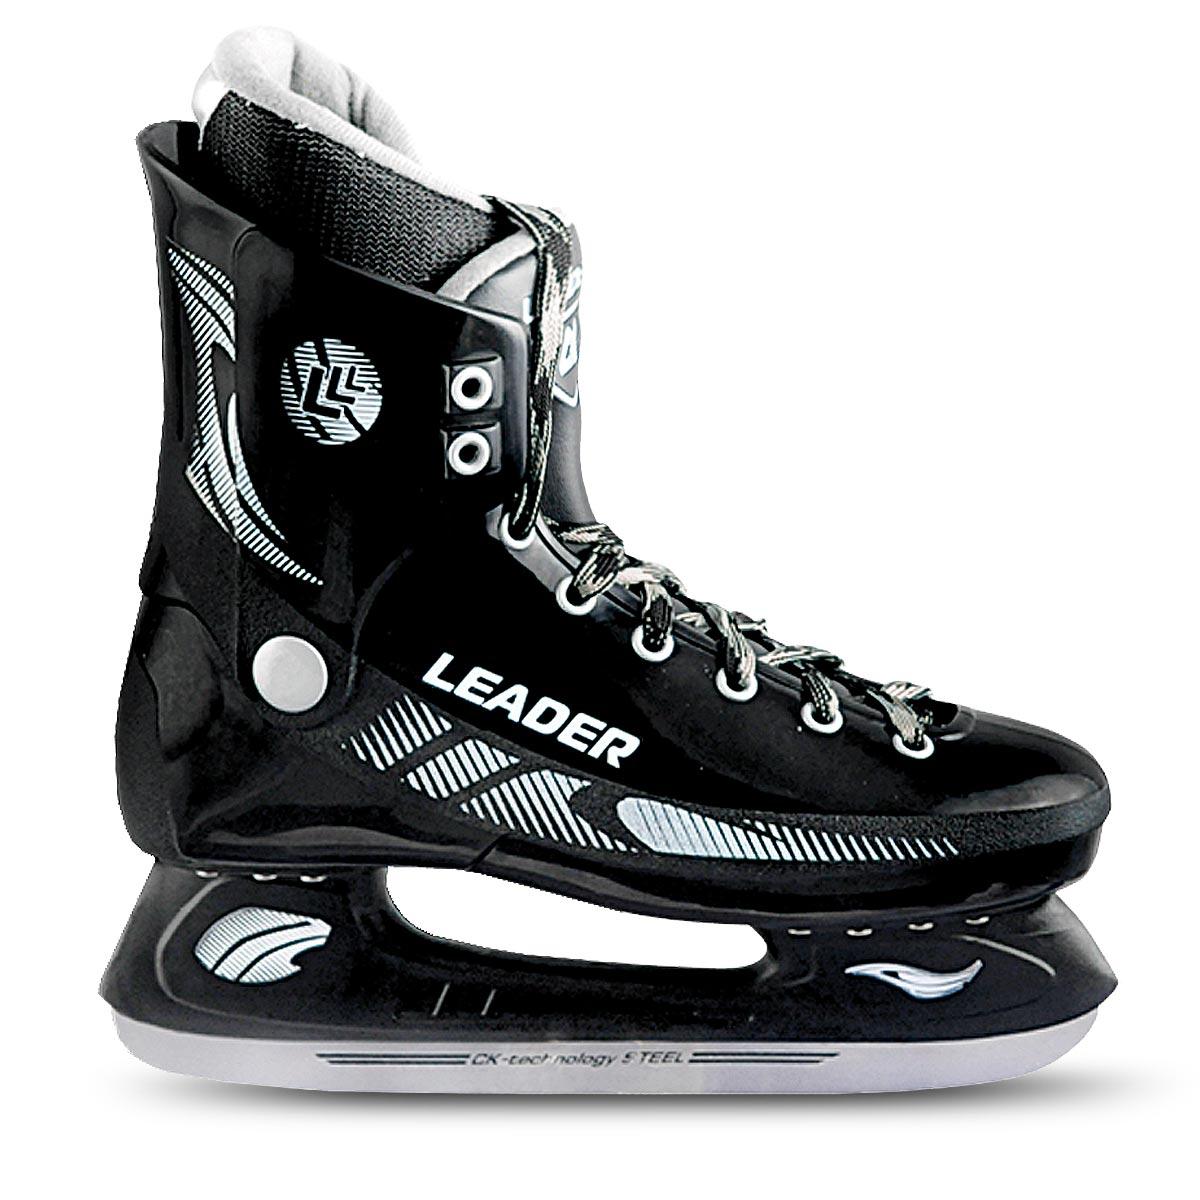 Коньки хоккейные мужские CK Leader, цвет: черный. Размер 42